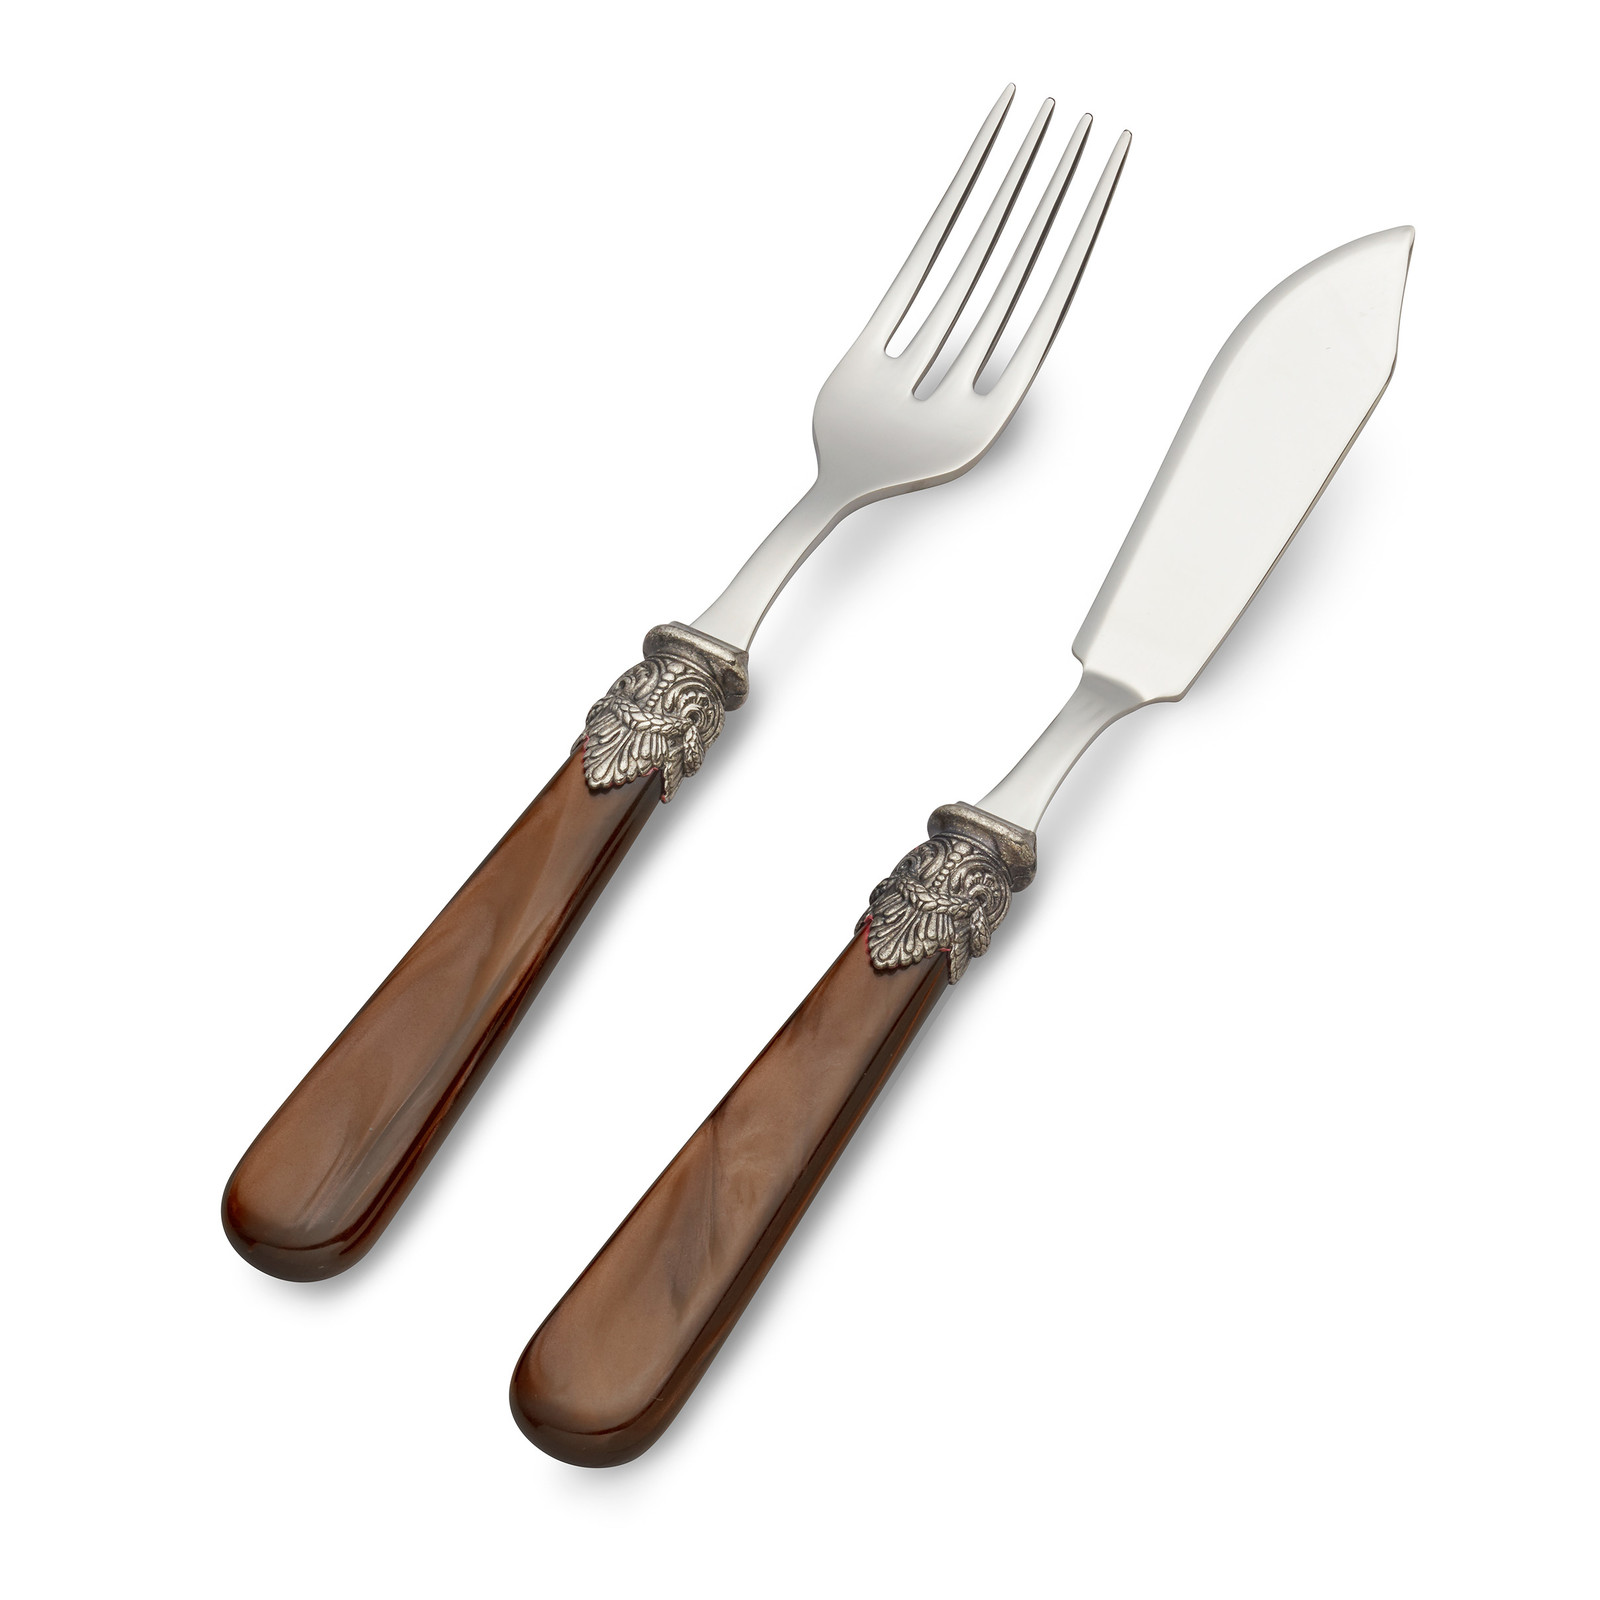 Vis Bestekset, 2-delig (vismes en visvork), Bruin met Parelmoer, 1 persoon